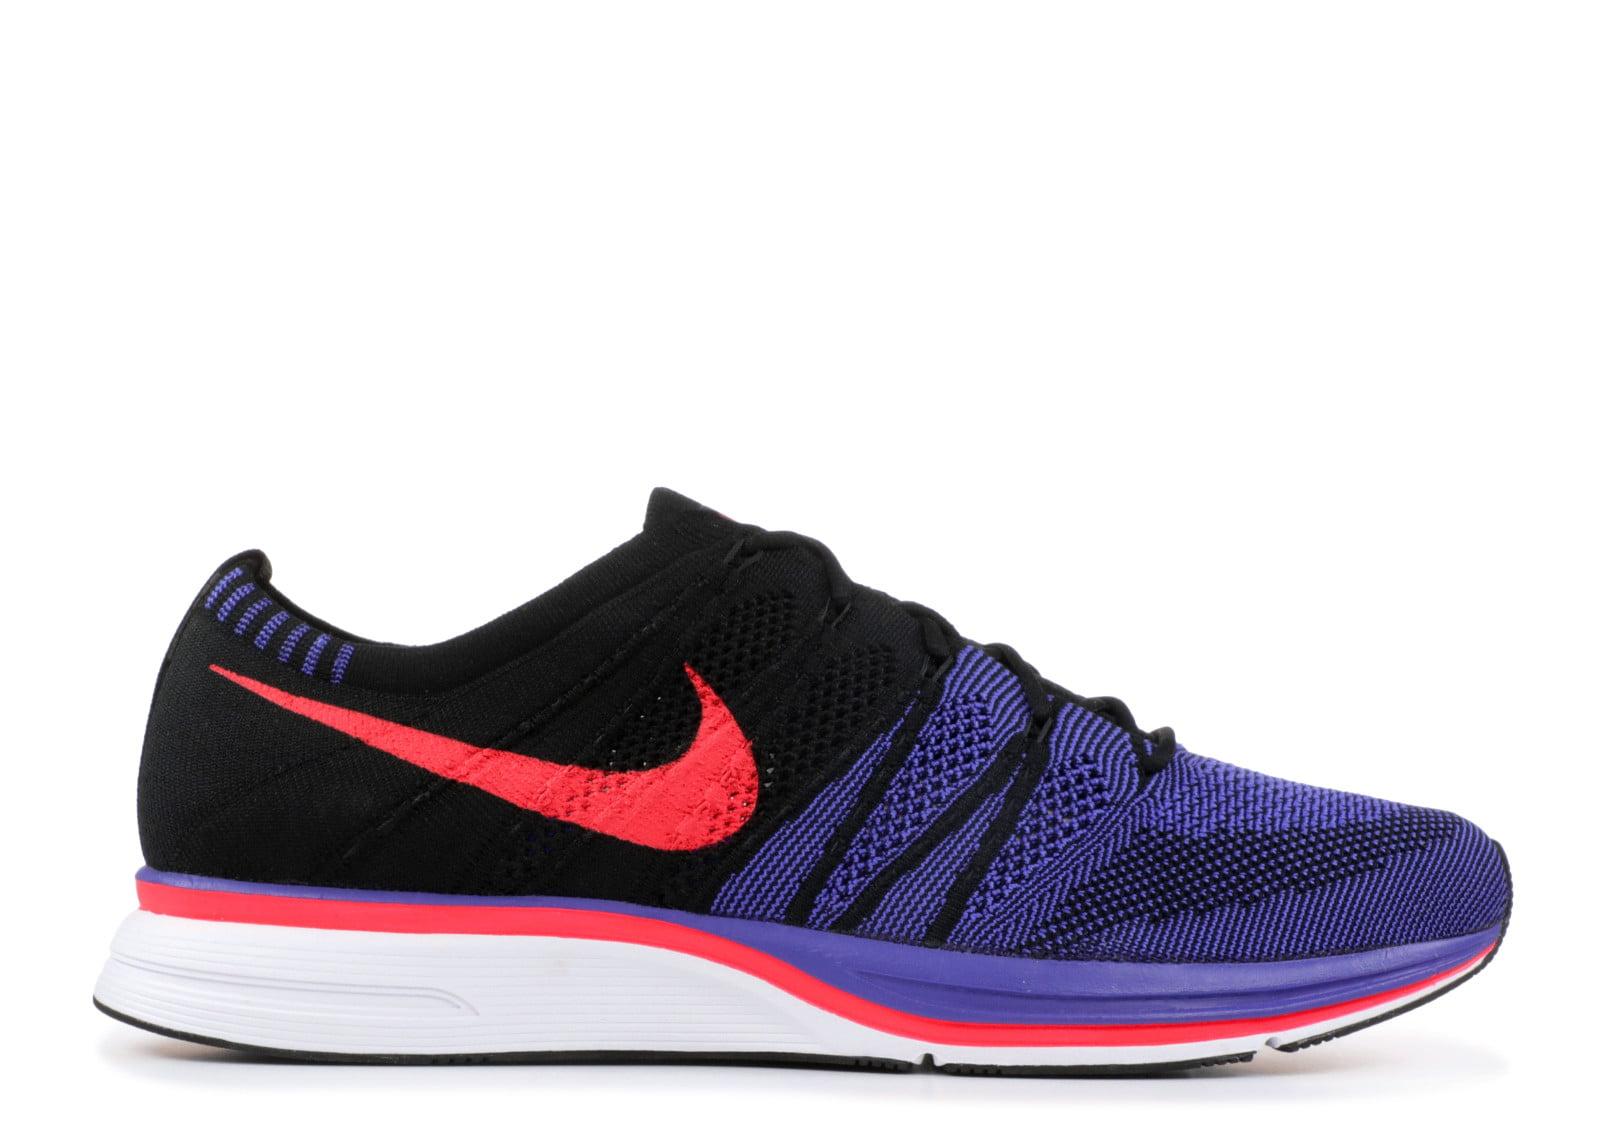 d642acf53bb96 Nike - Men - Nike Flyknit Trainer - Ah8396-003 - Size 9.5